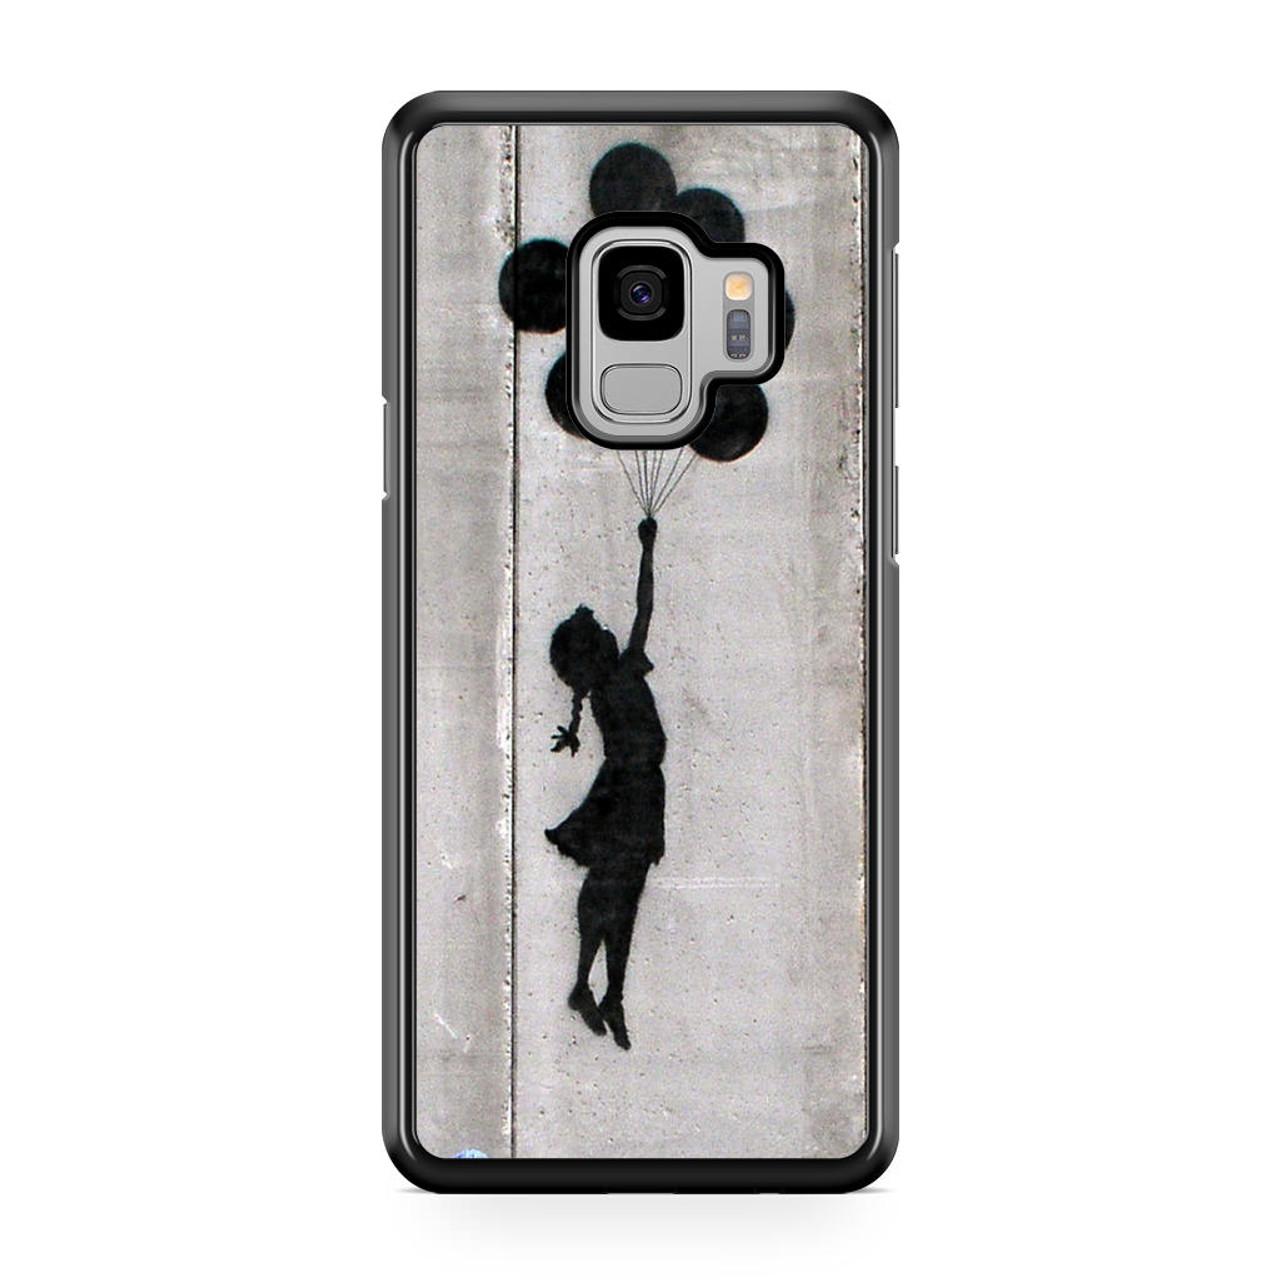 Banksy Balloon Girl Samsung Galaxy S9 Case